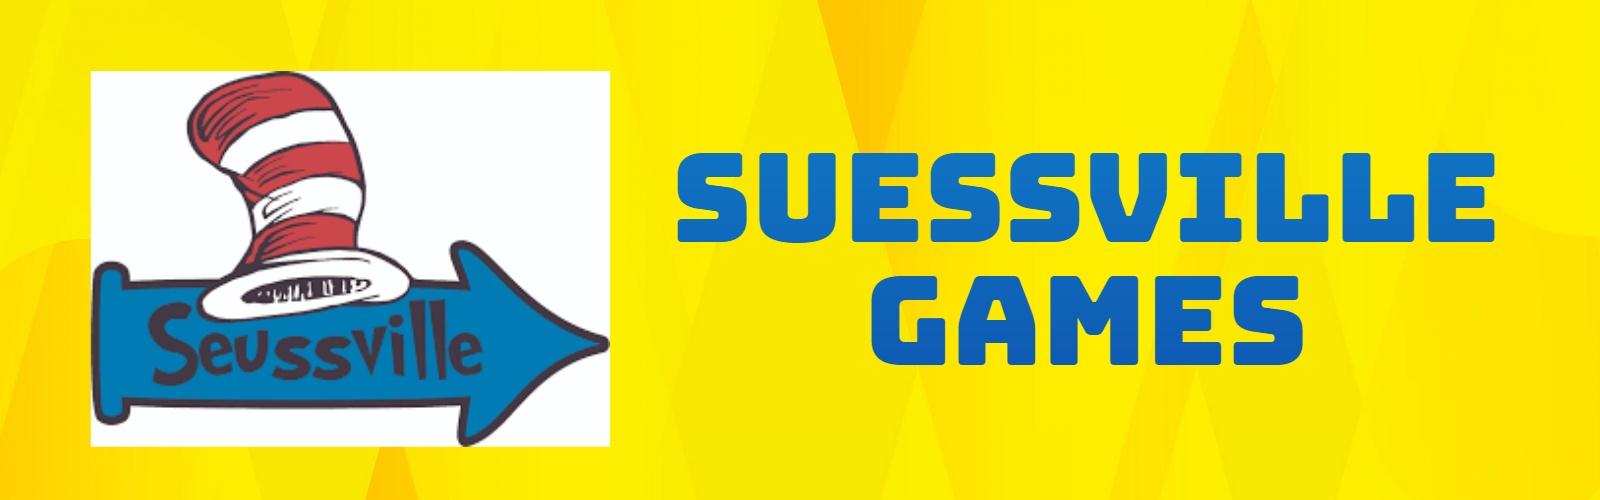 SUESSVILLE GAMES